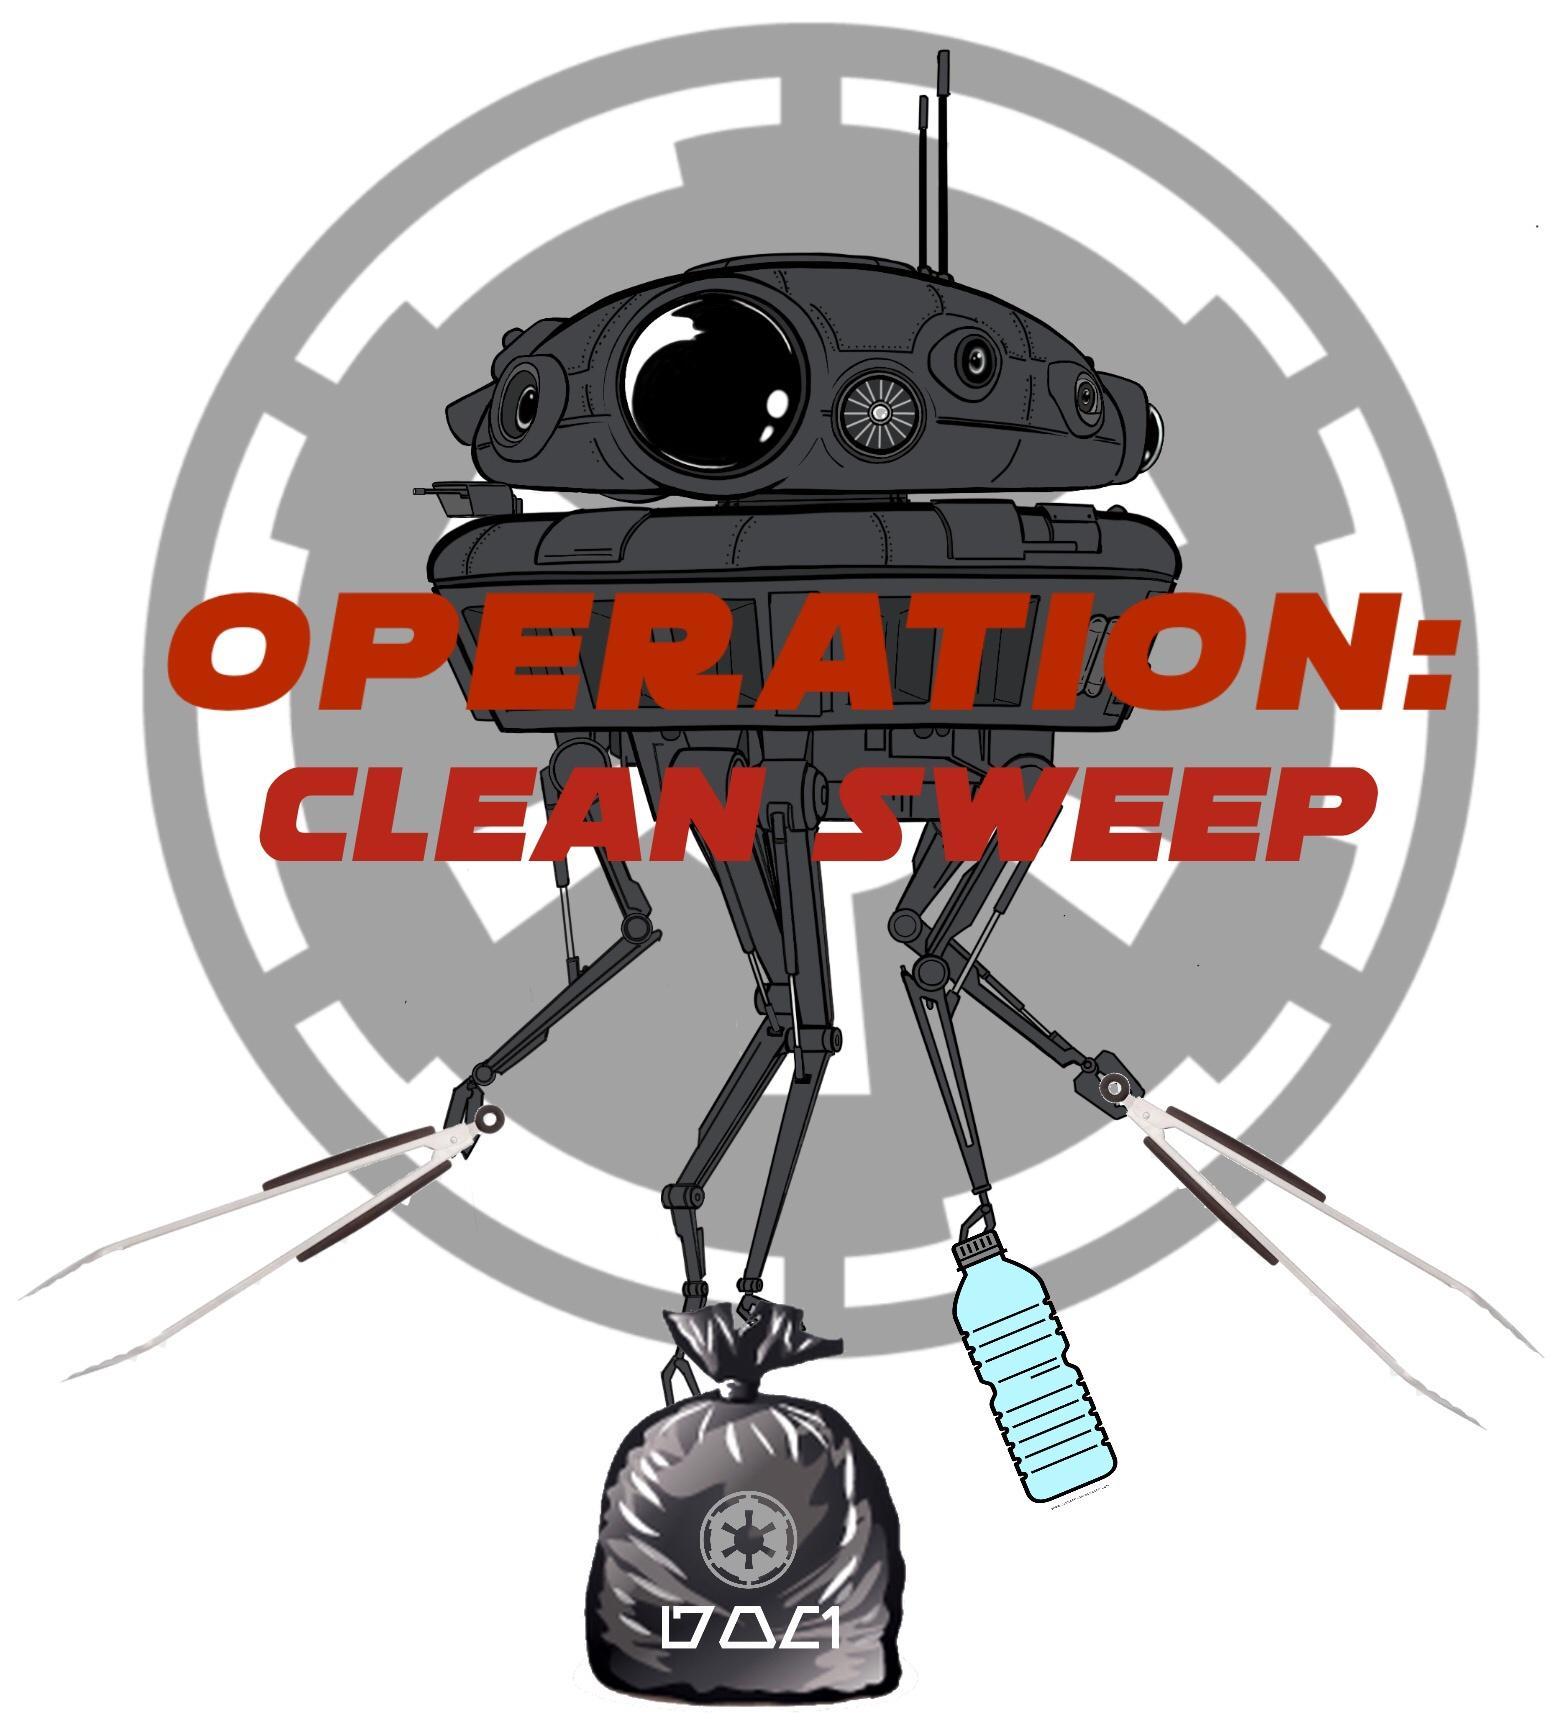 【出撃レポート】Operation: Clean Sweep